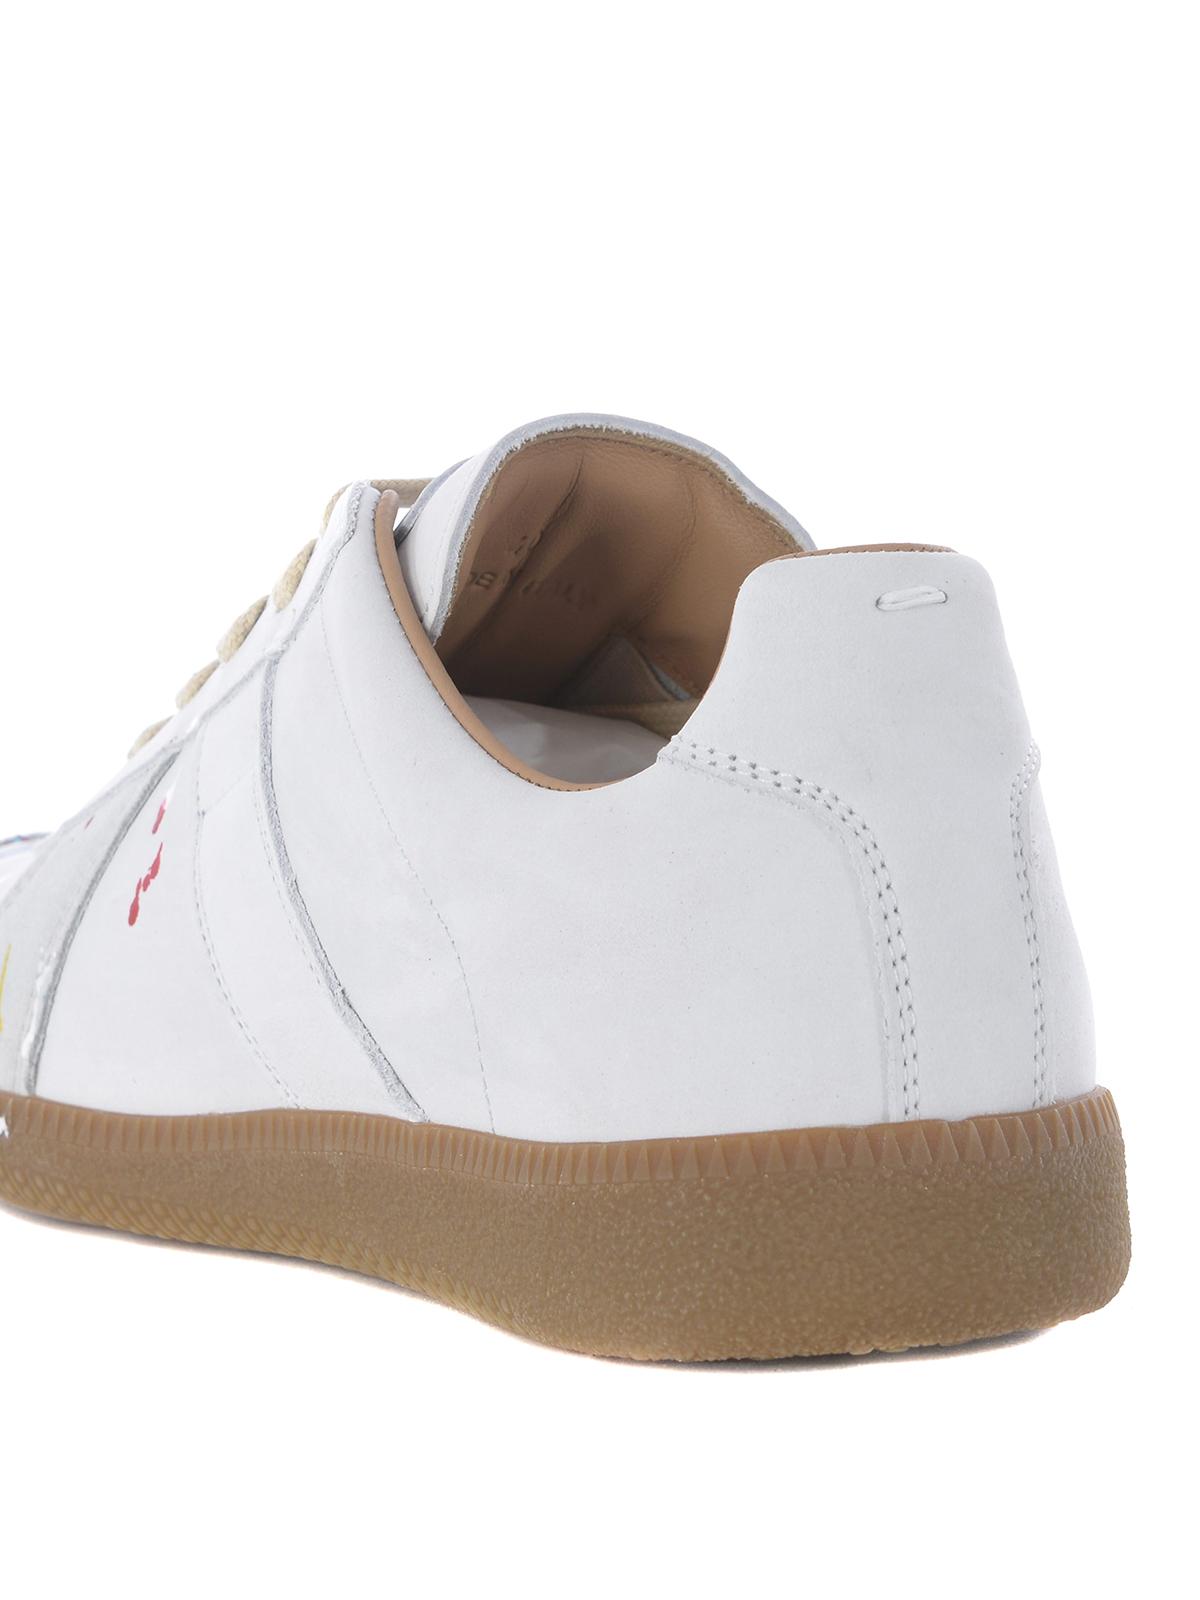 c5e277e5dd0 Maison Margiela - Replica varnish spot nubuck sneakers - trainers ...